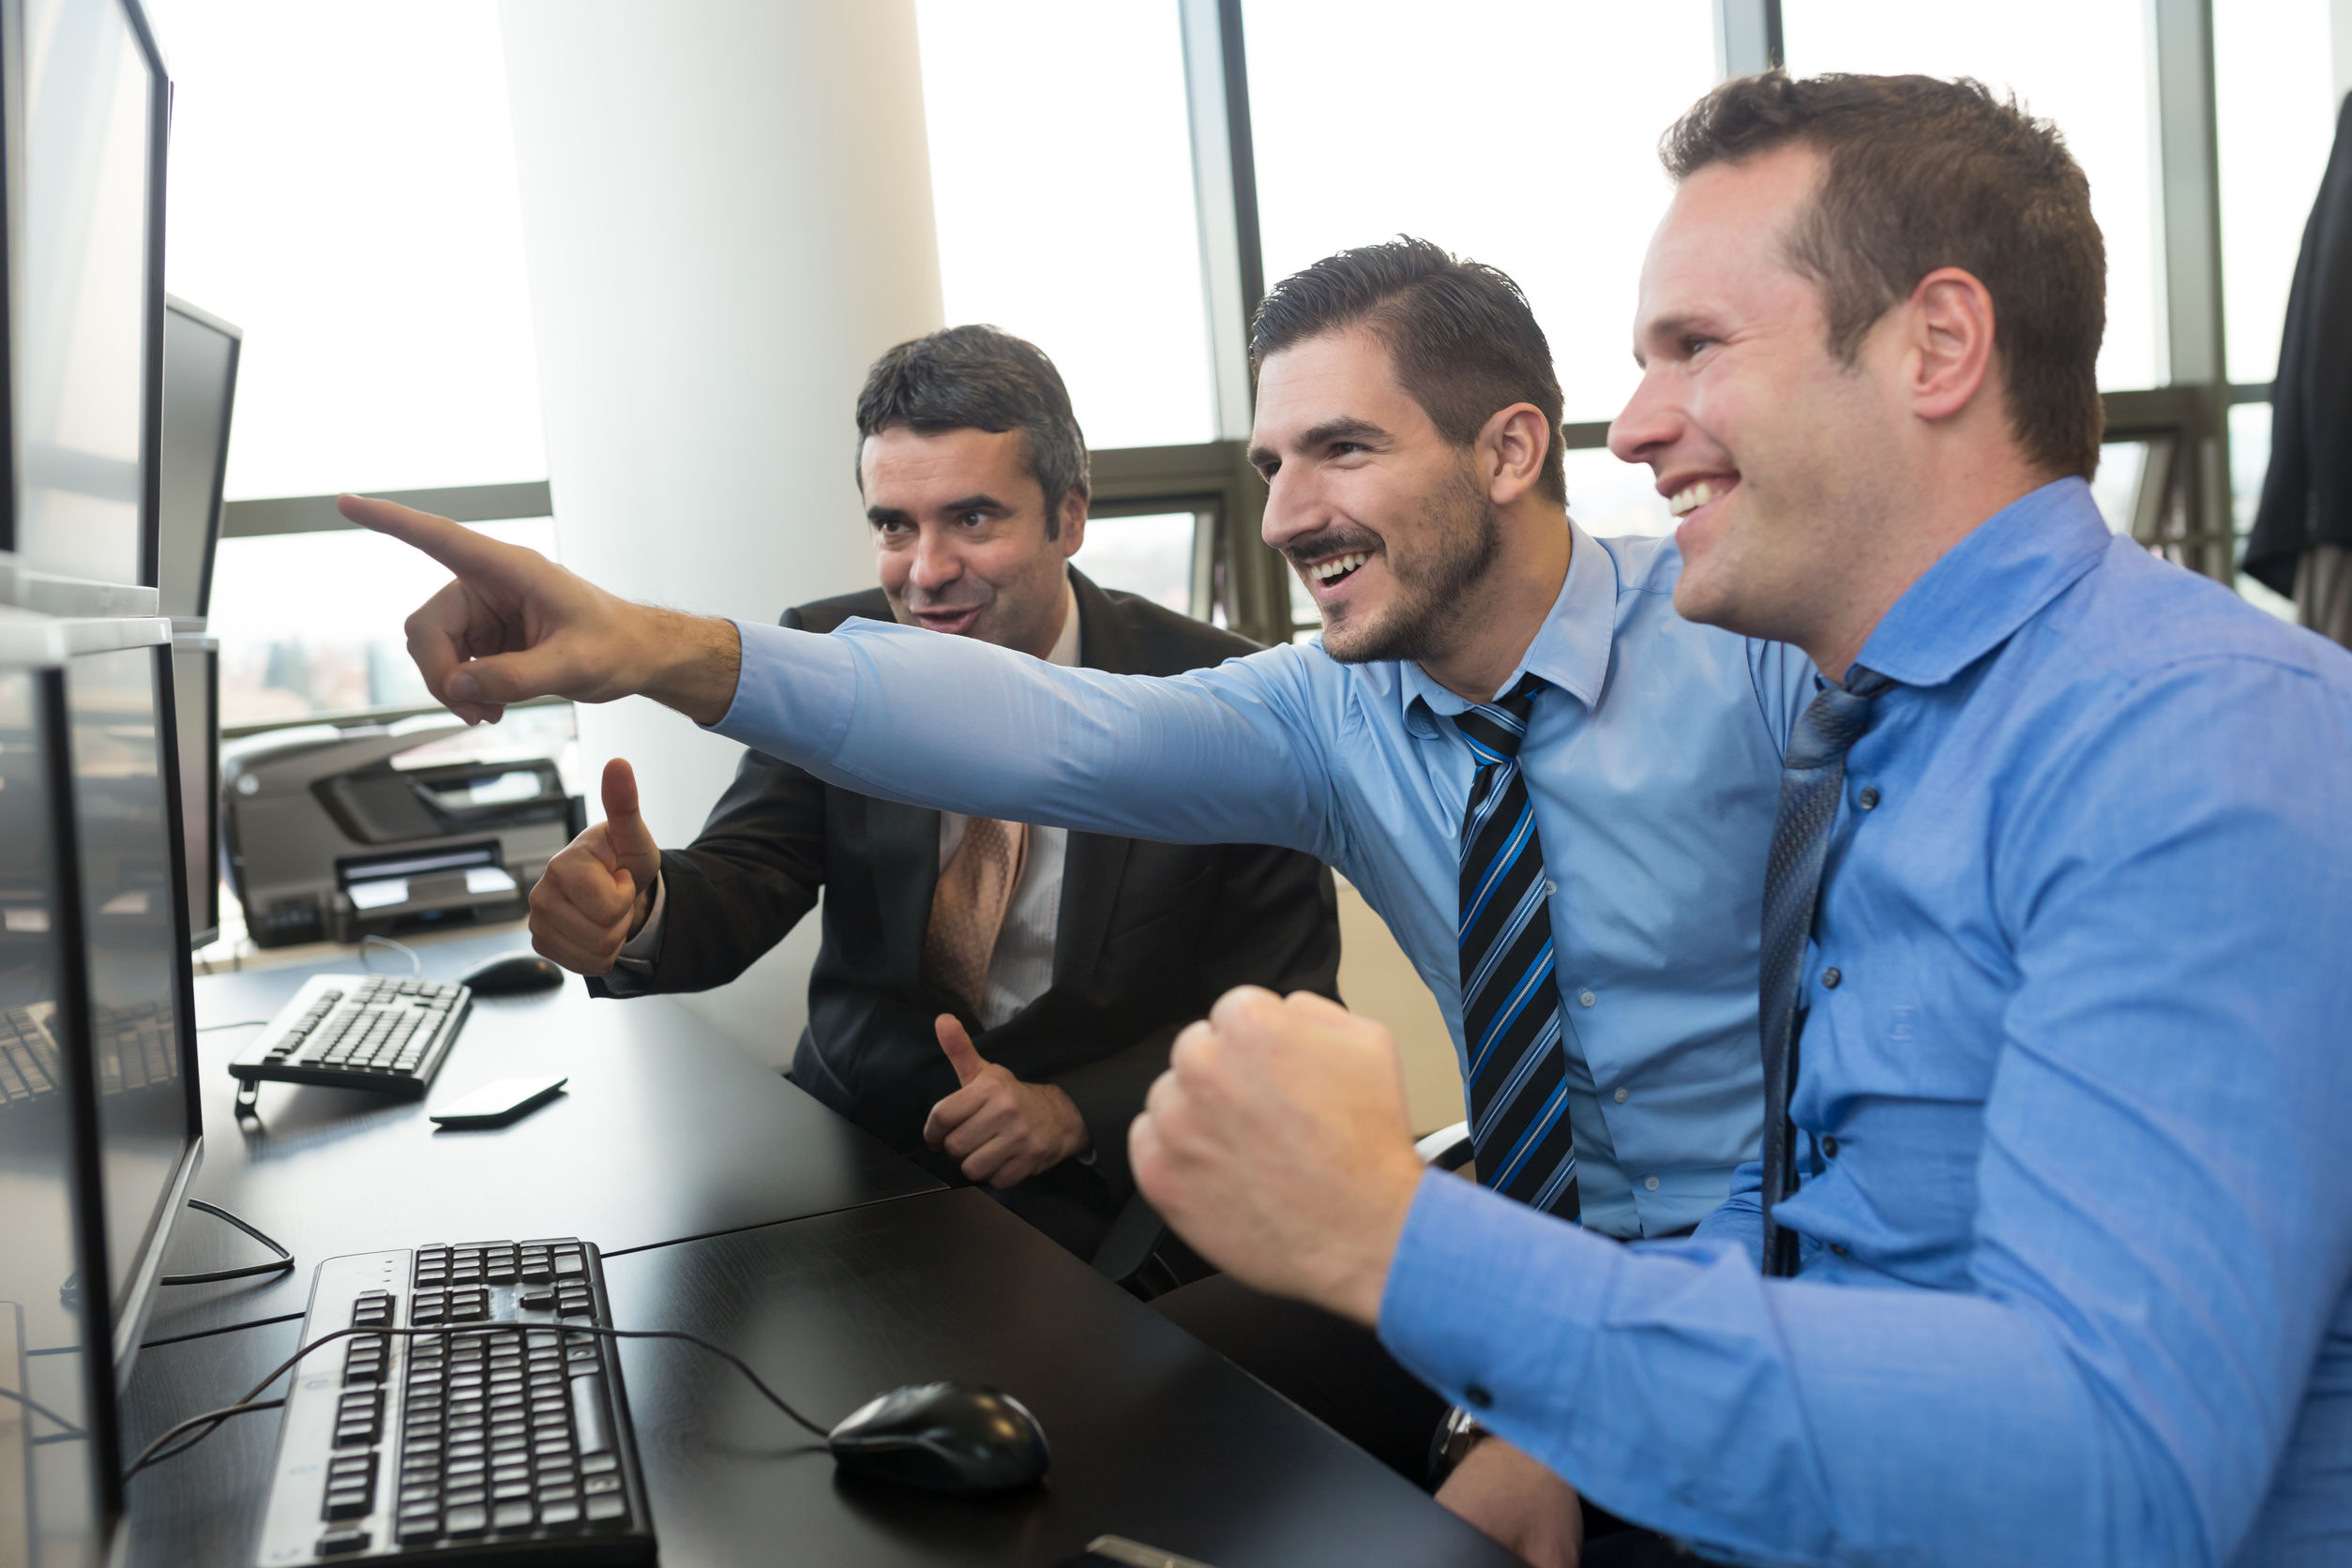 Três homens olhando e apontando para telas de computador com um sorriso no rosto